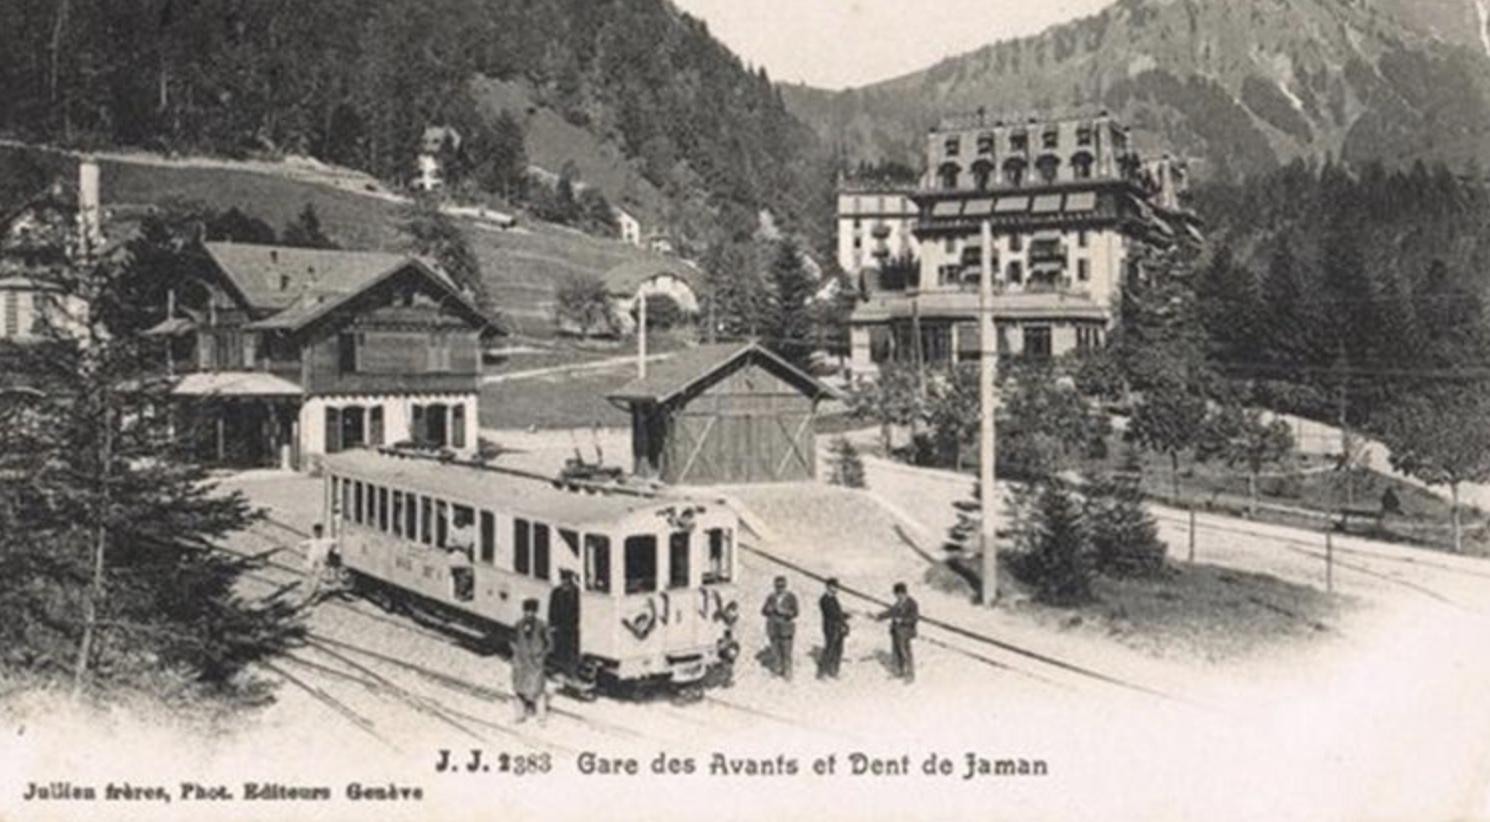 Gare des avants